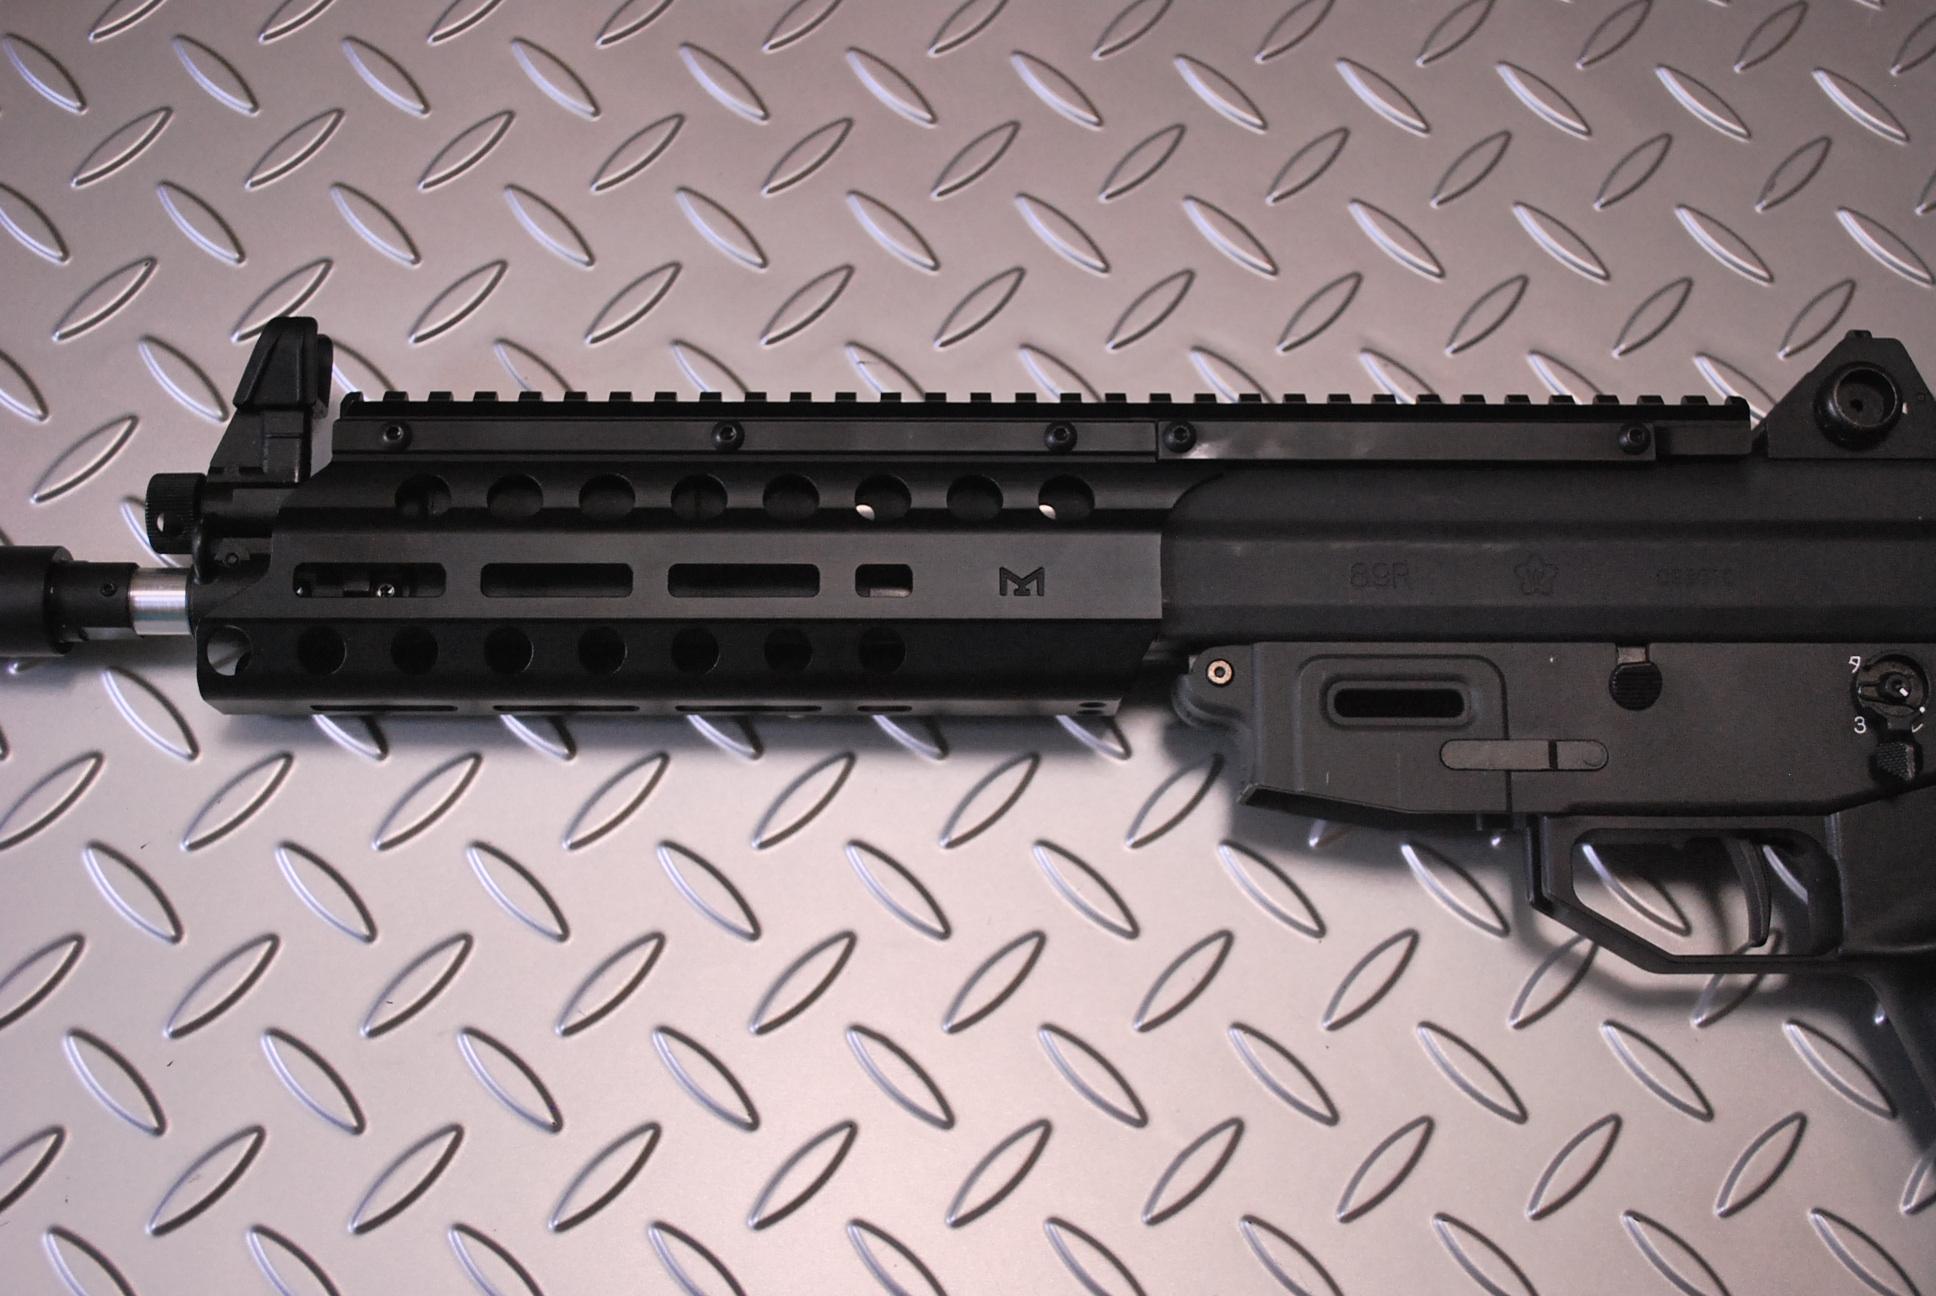 OTS 89式小銃用Mlok(エムロック)レールシステム 限定ショートバージョン